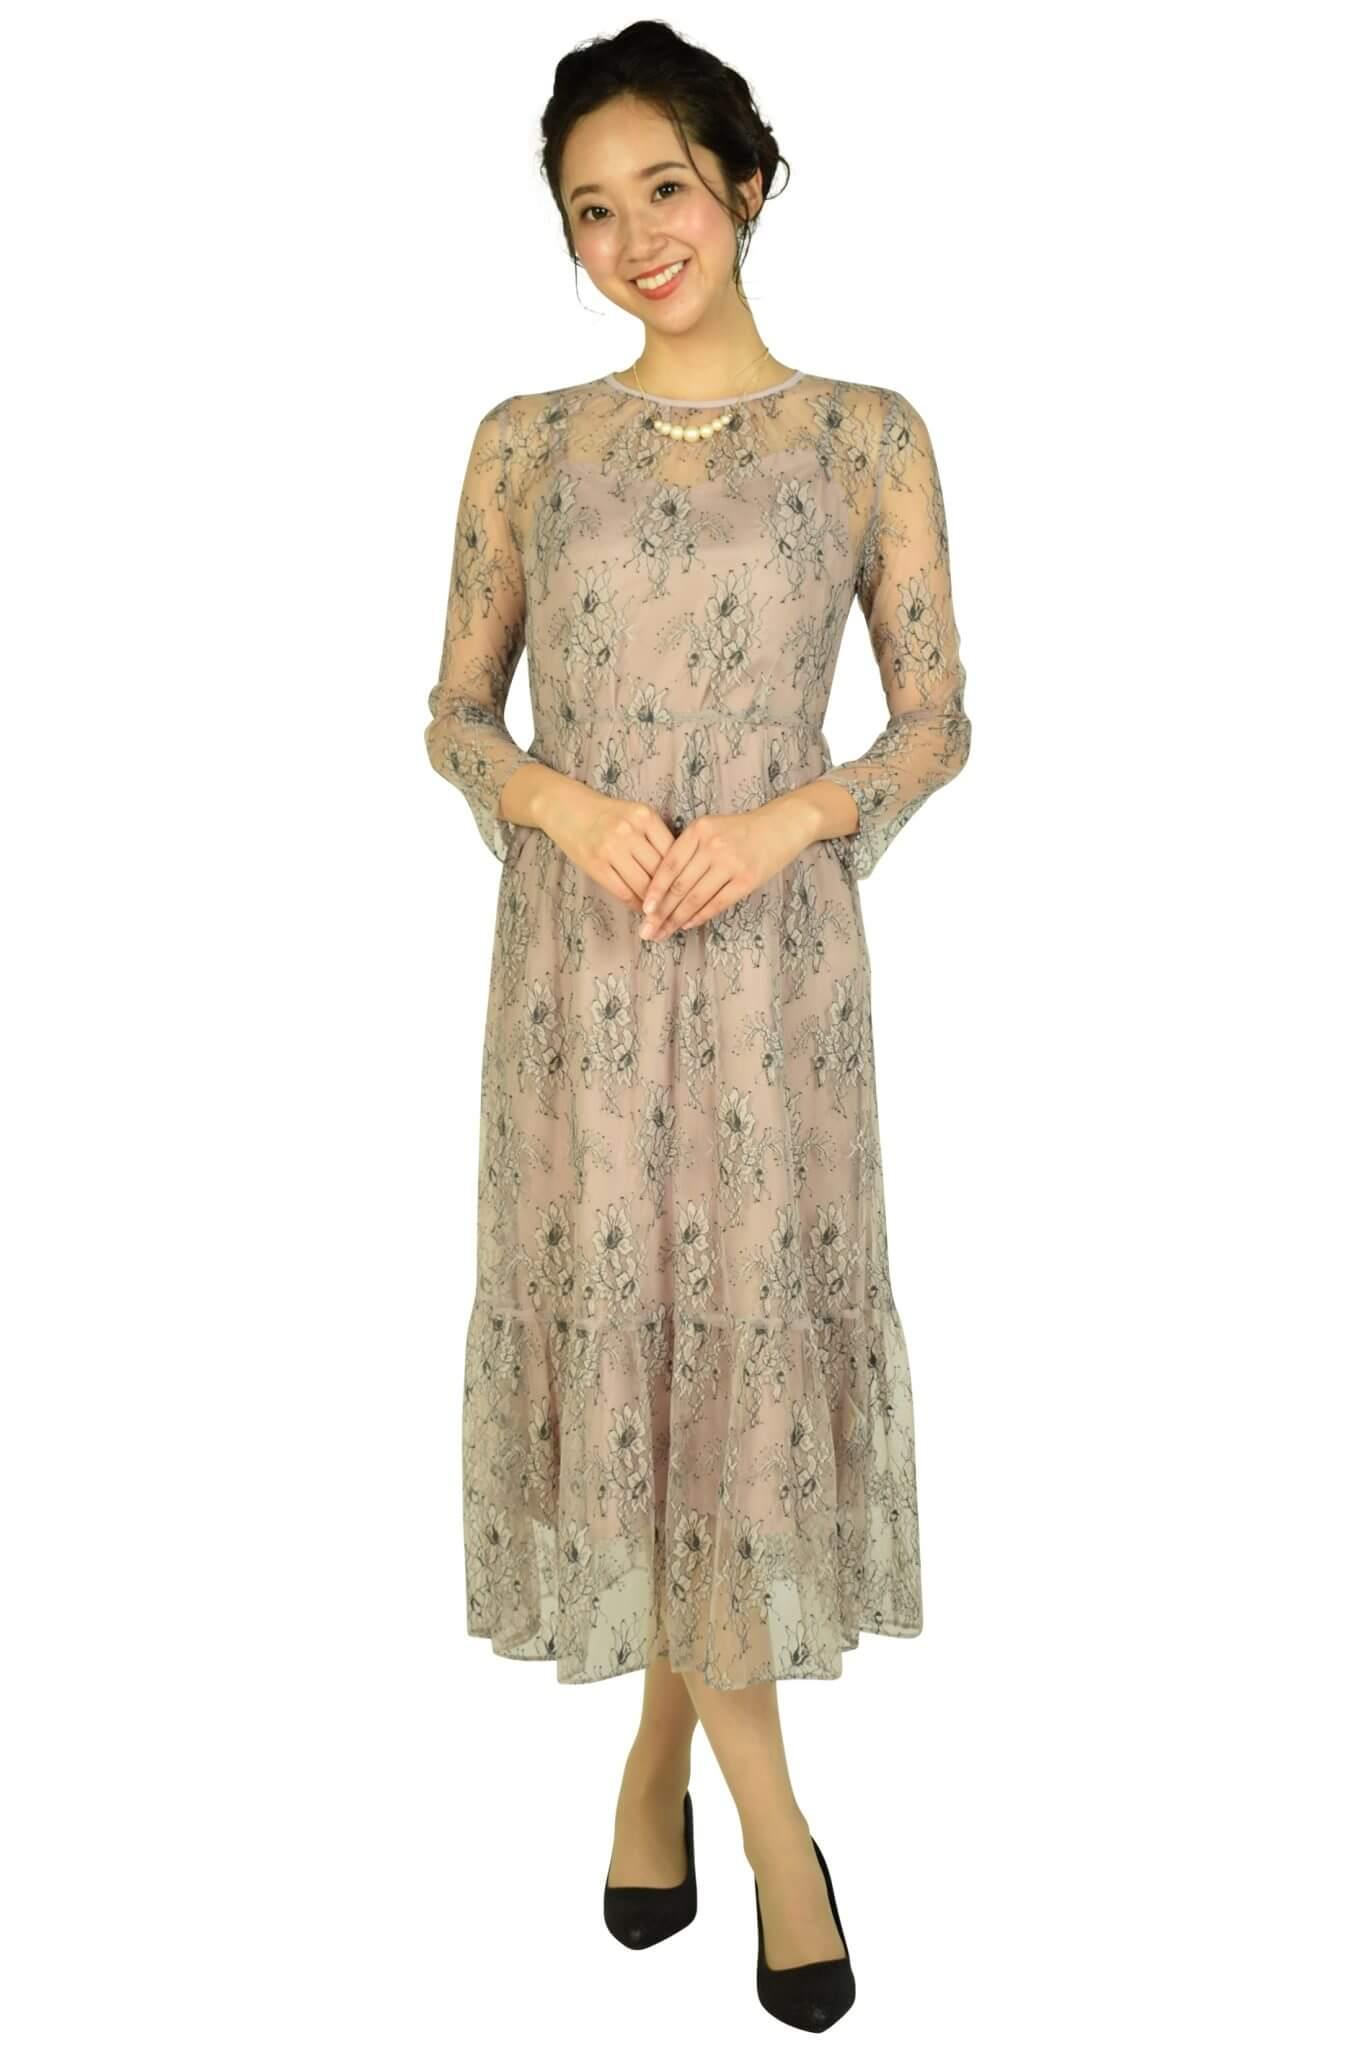 カエン(Kaene) 総レースダスティーピンクドレス